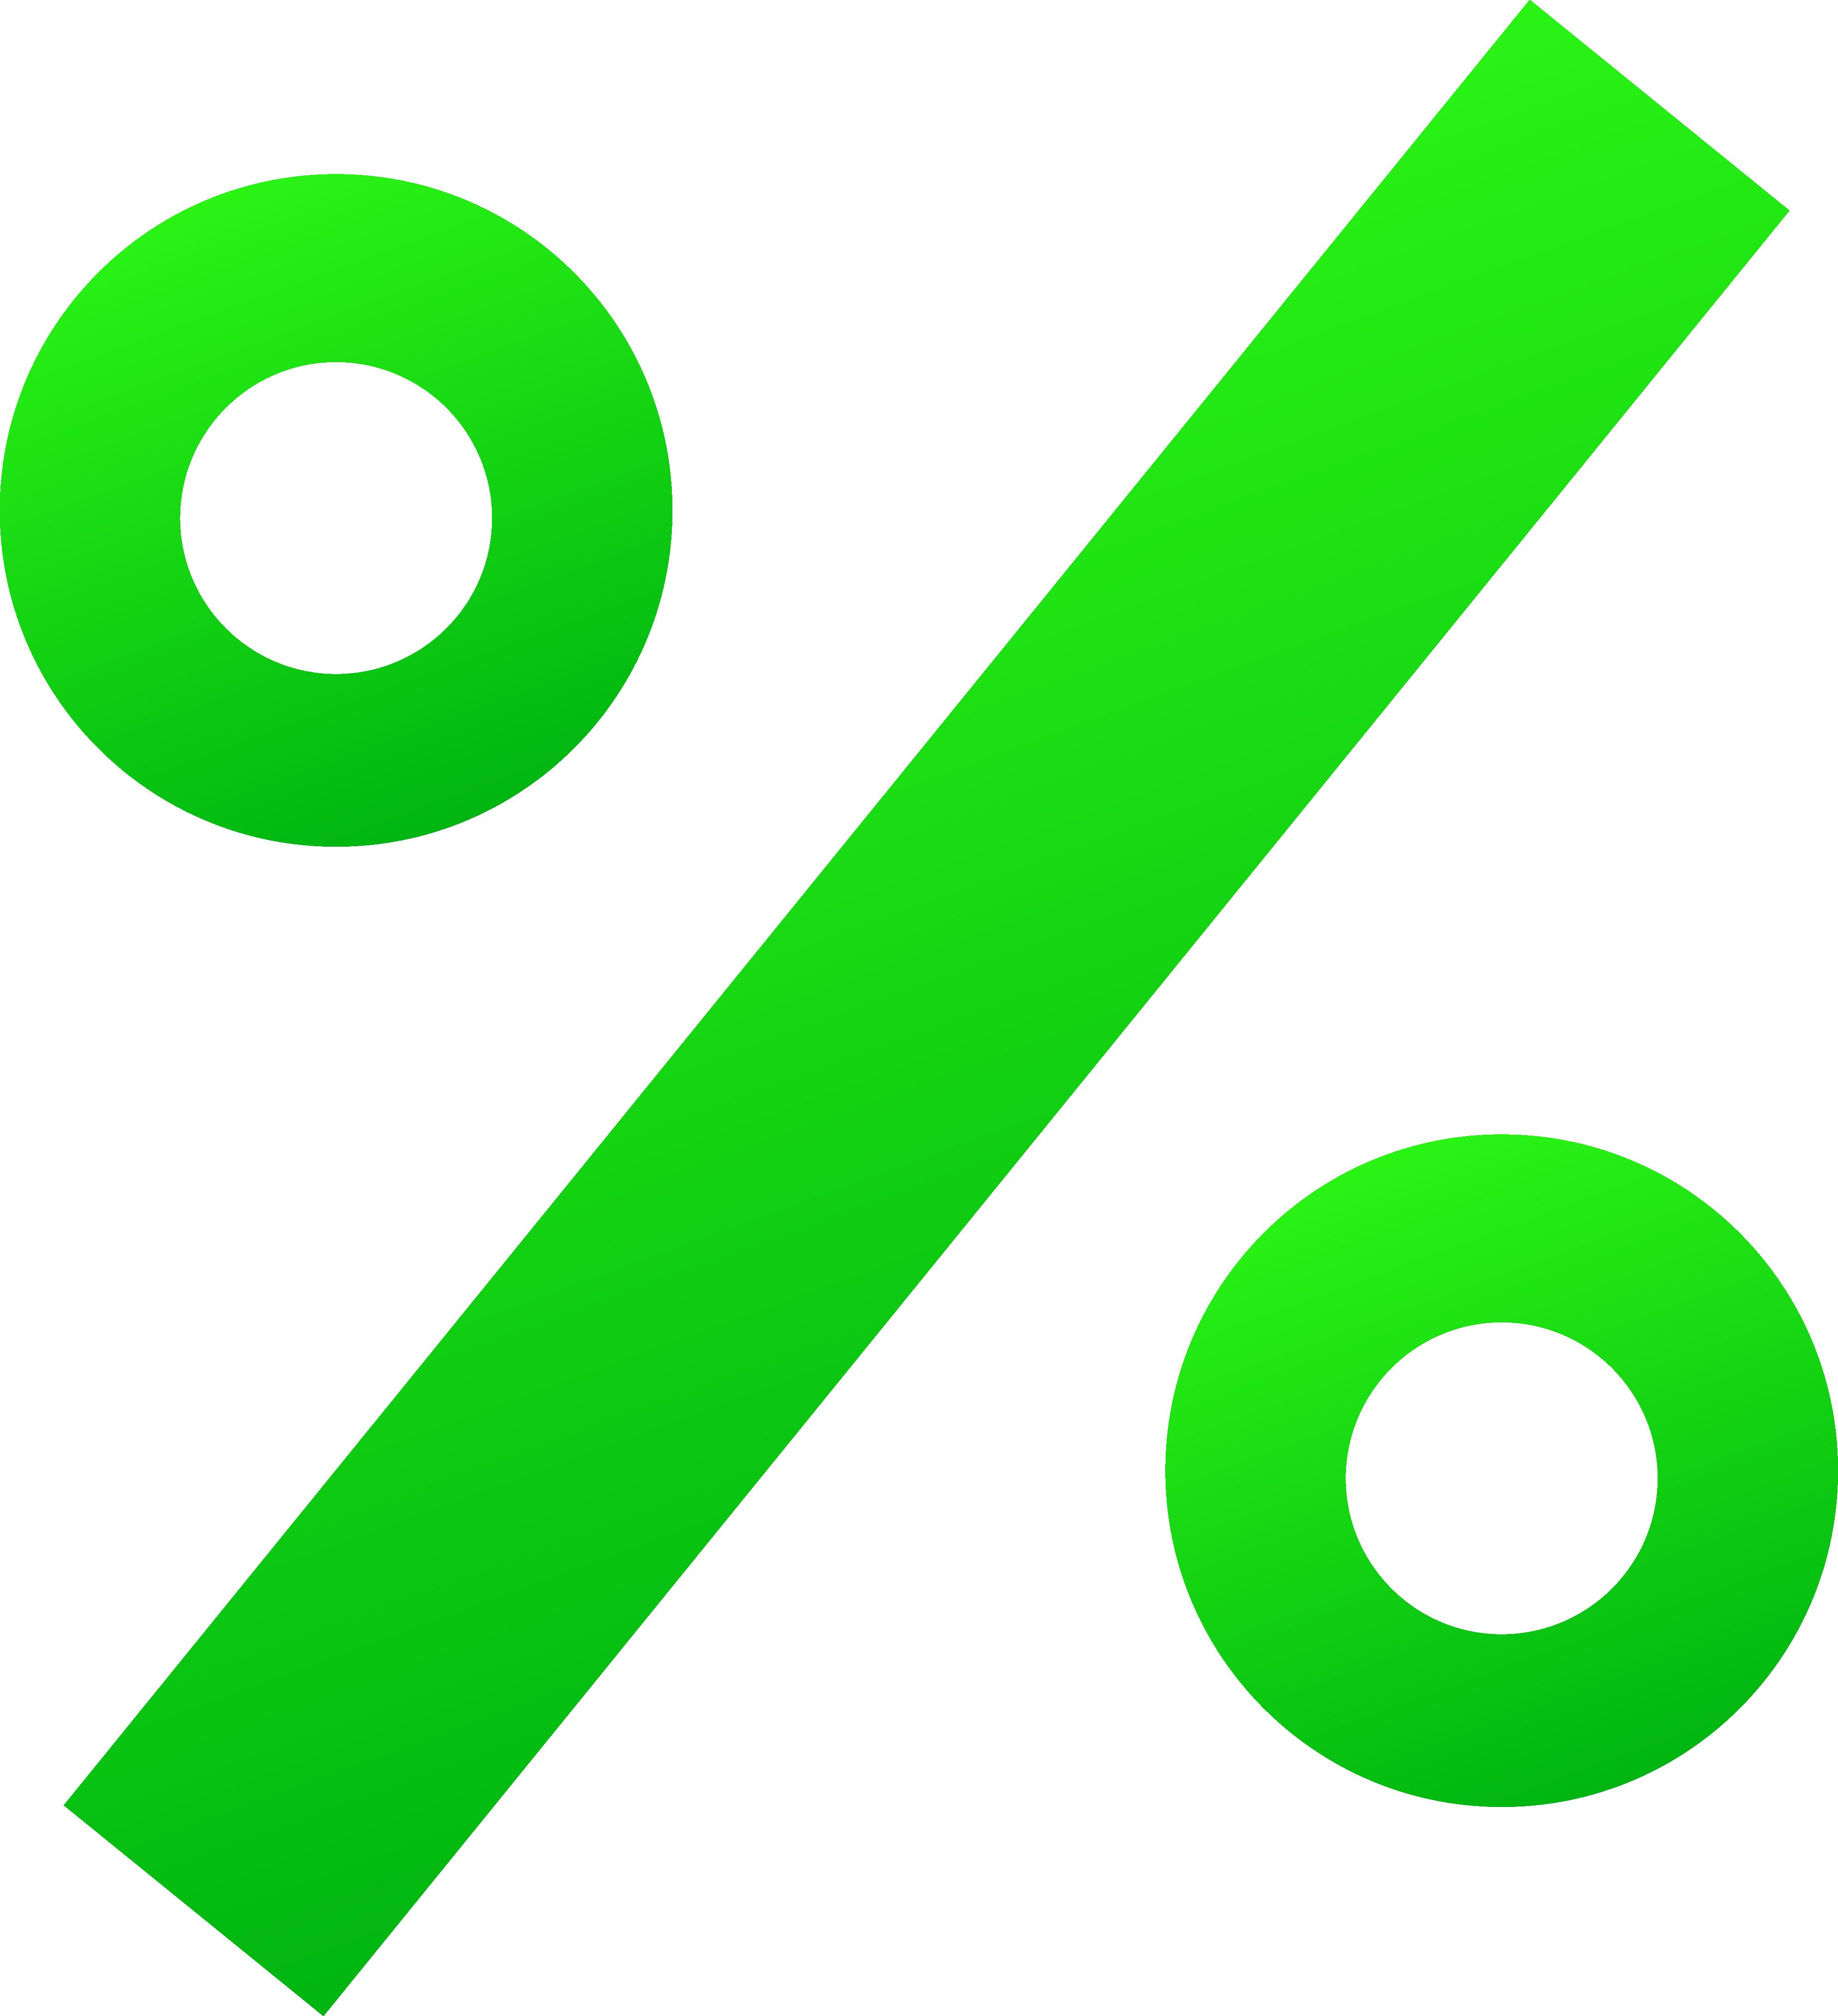 95 Percent Clipart.